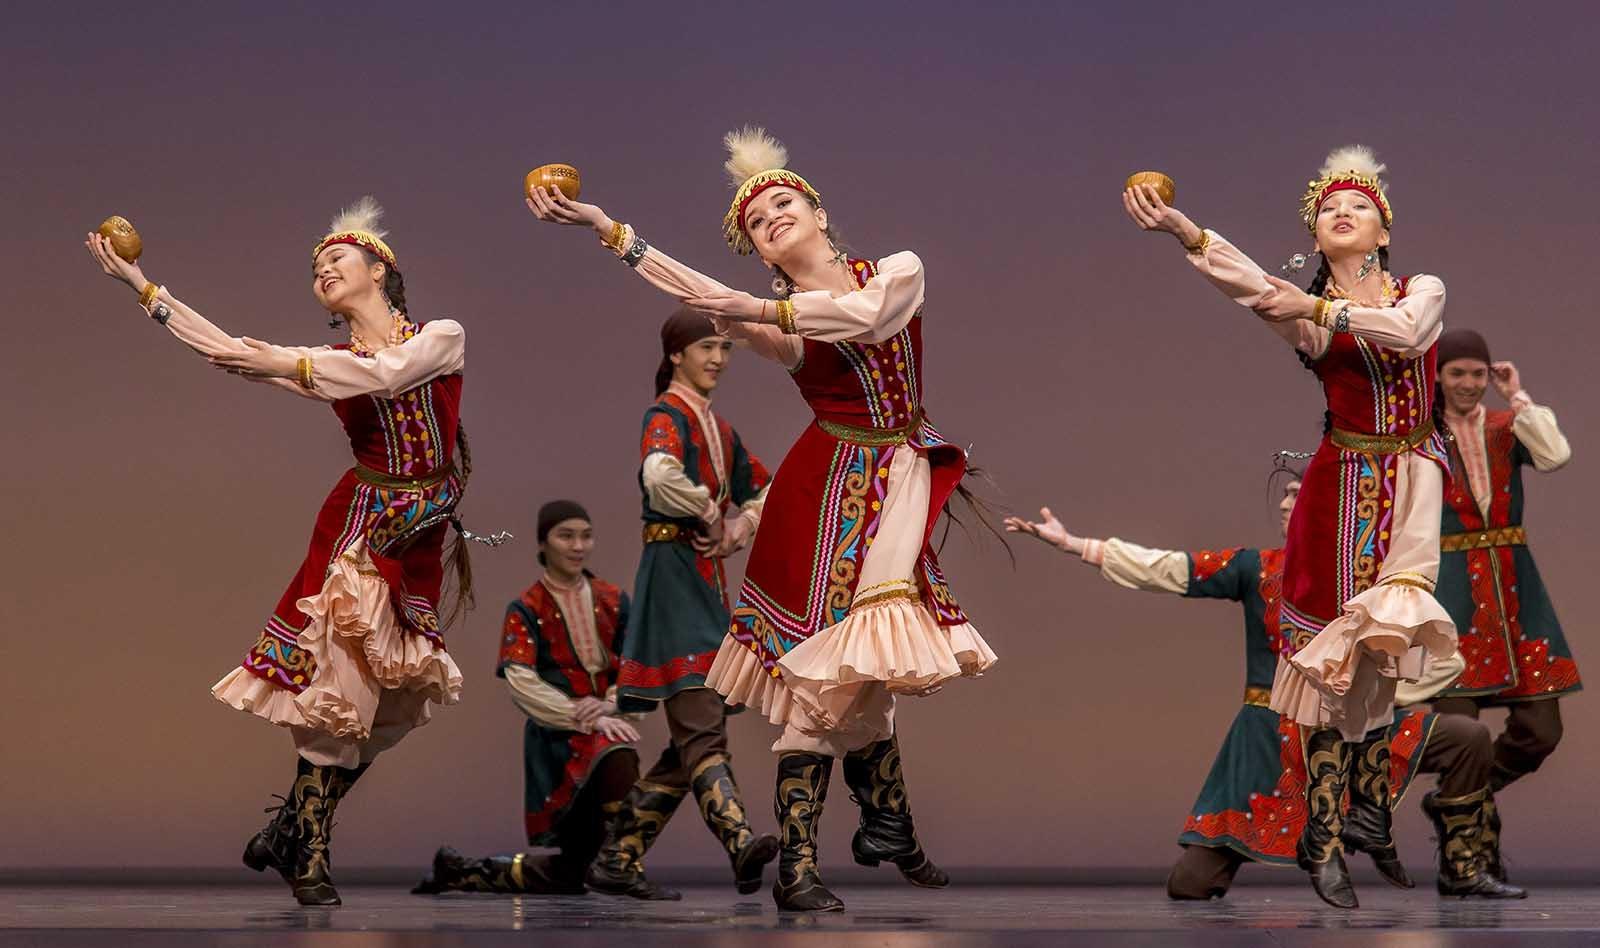 нас казахские национальные танцы картинки заднего вида была